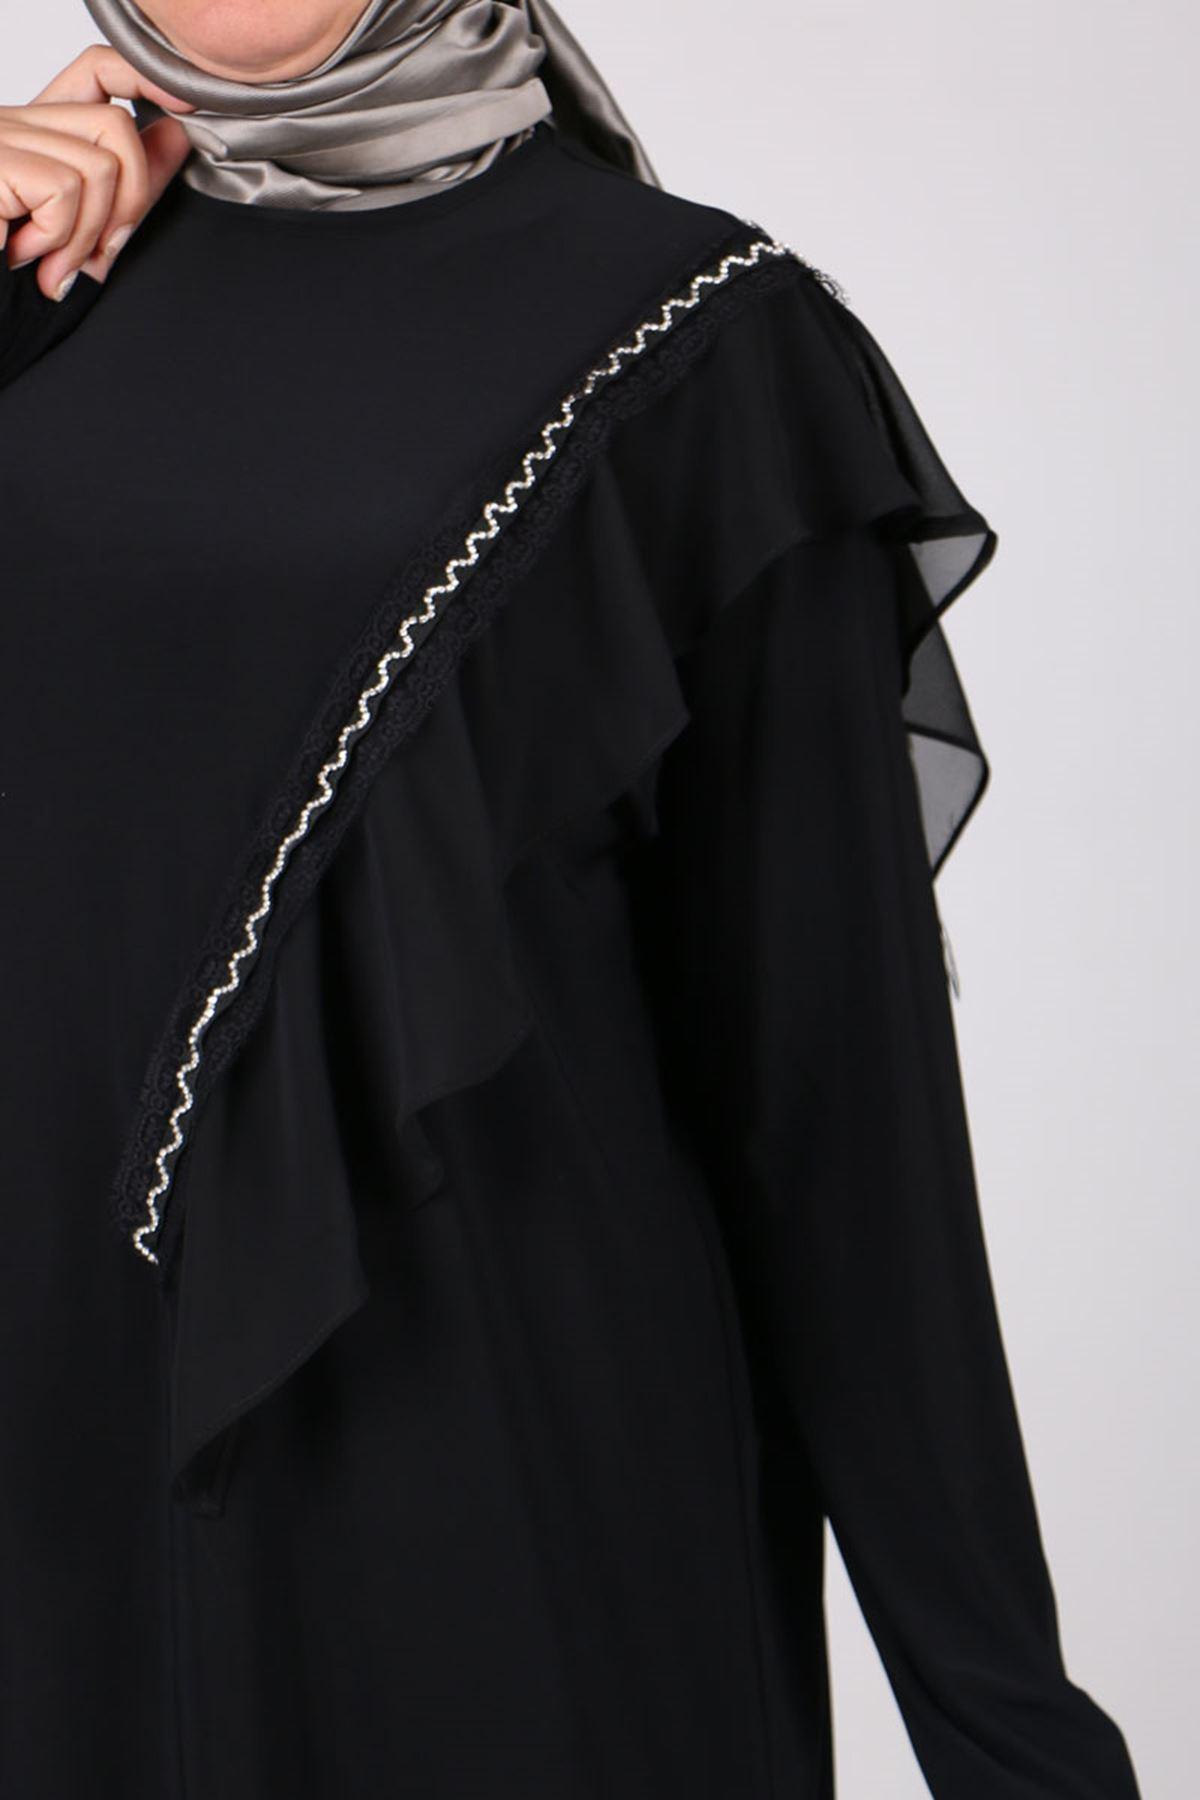 7711 Büyük Beden Sandy-Şifon Pantolonlu Takım - Siyah